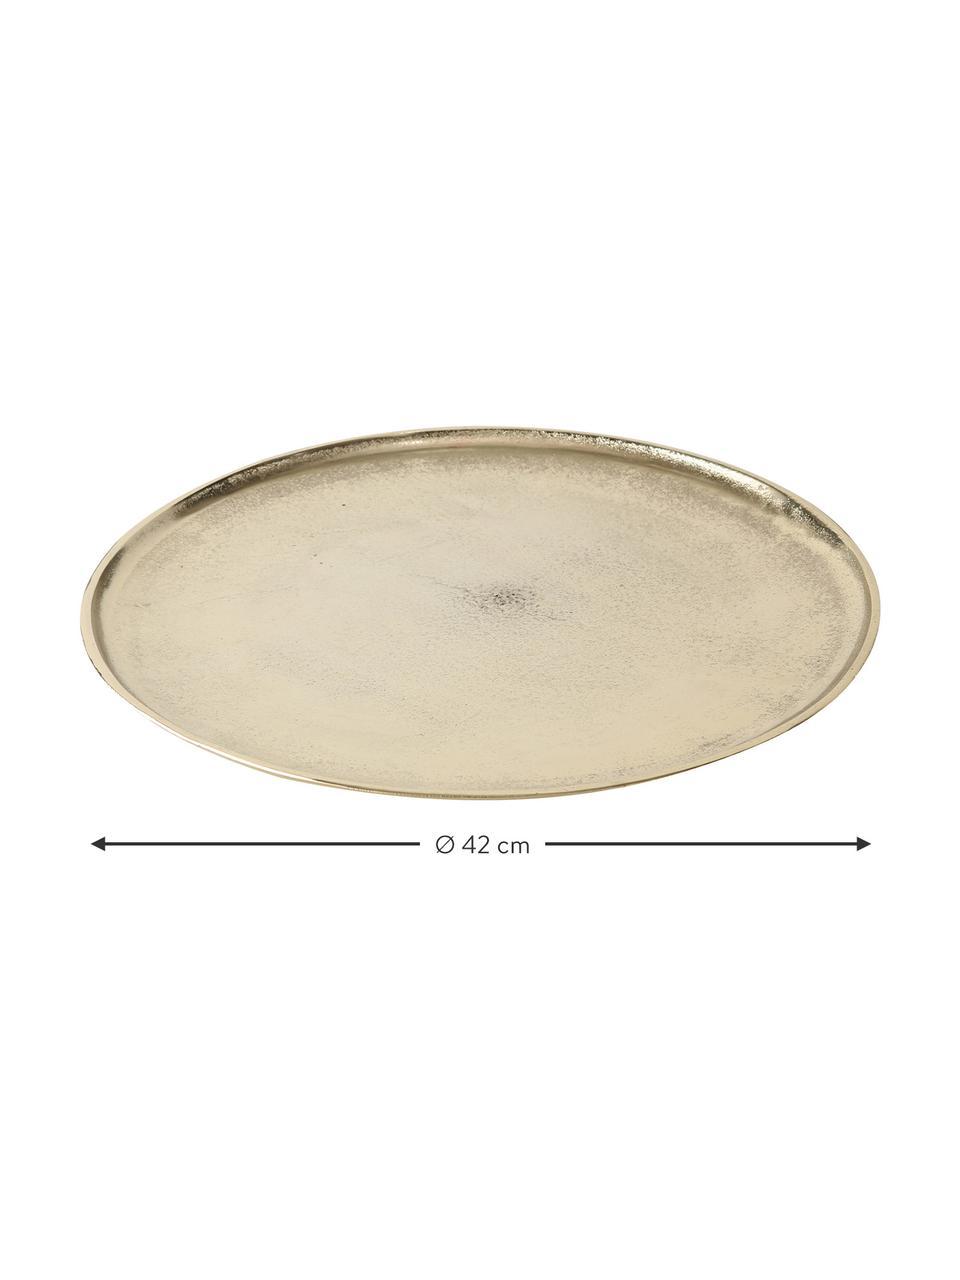 Deko-Tablett Phönix, Aluminium, beschichtet, Messingfarben, Ø 42 cm